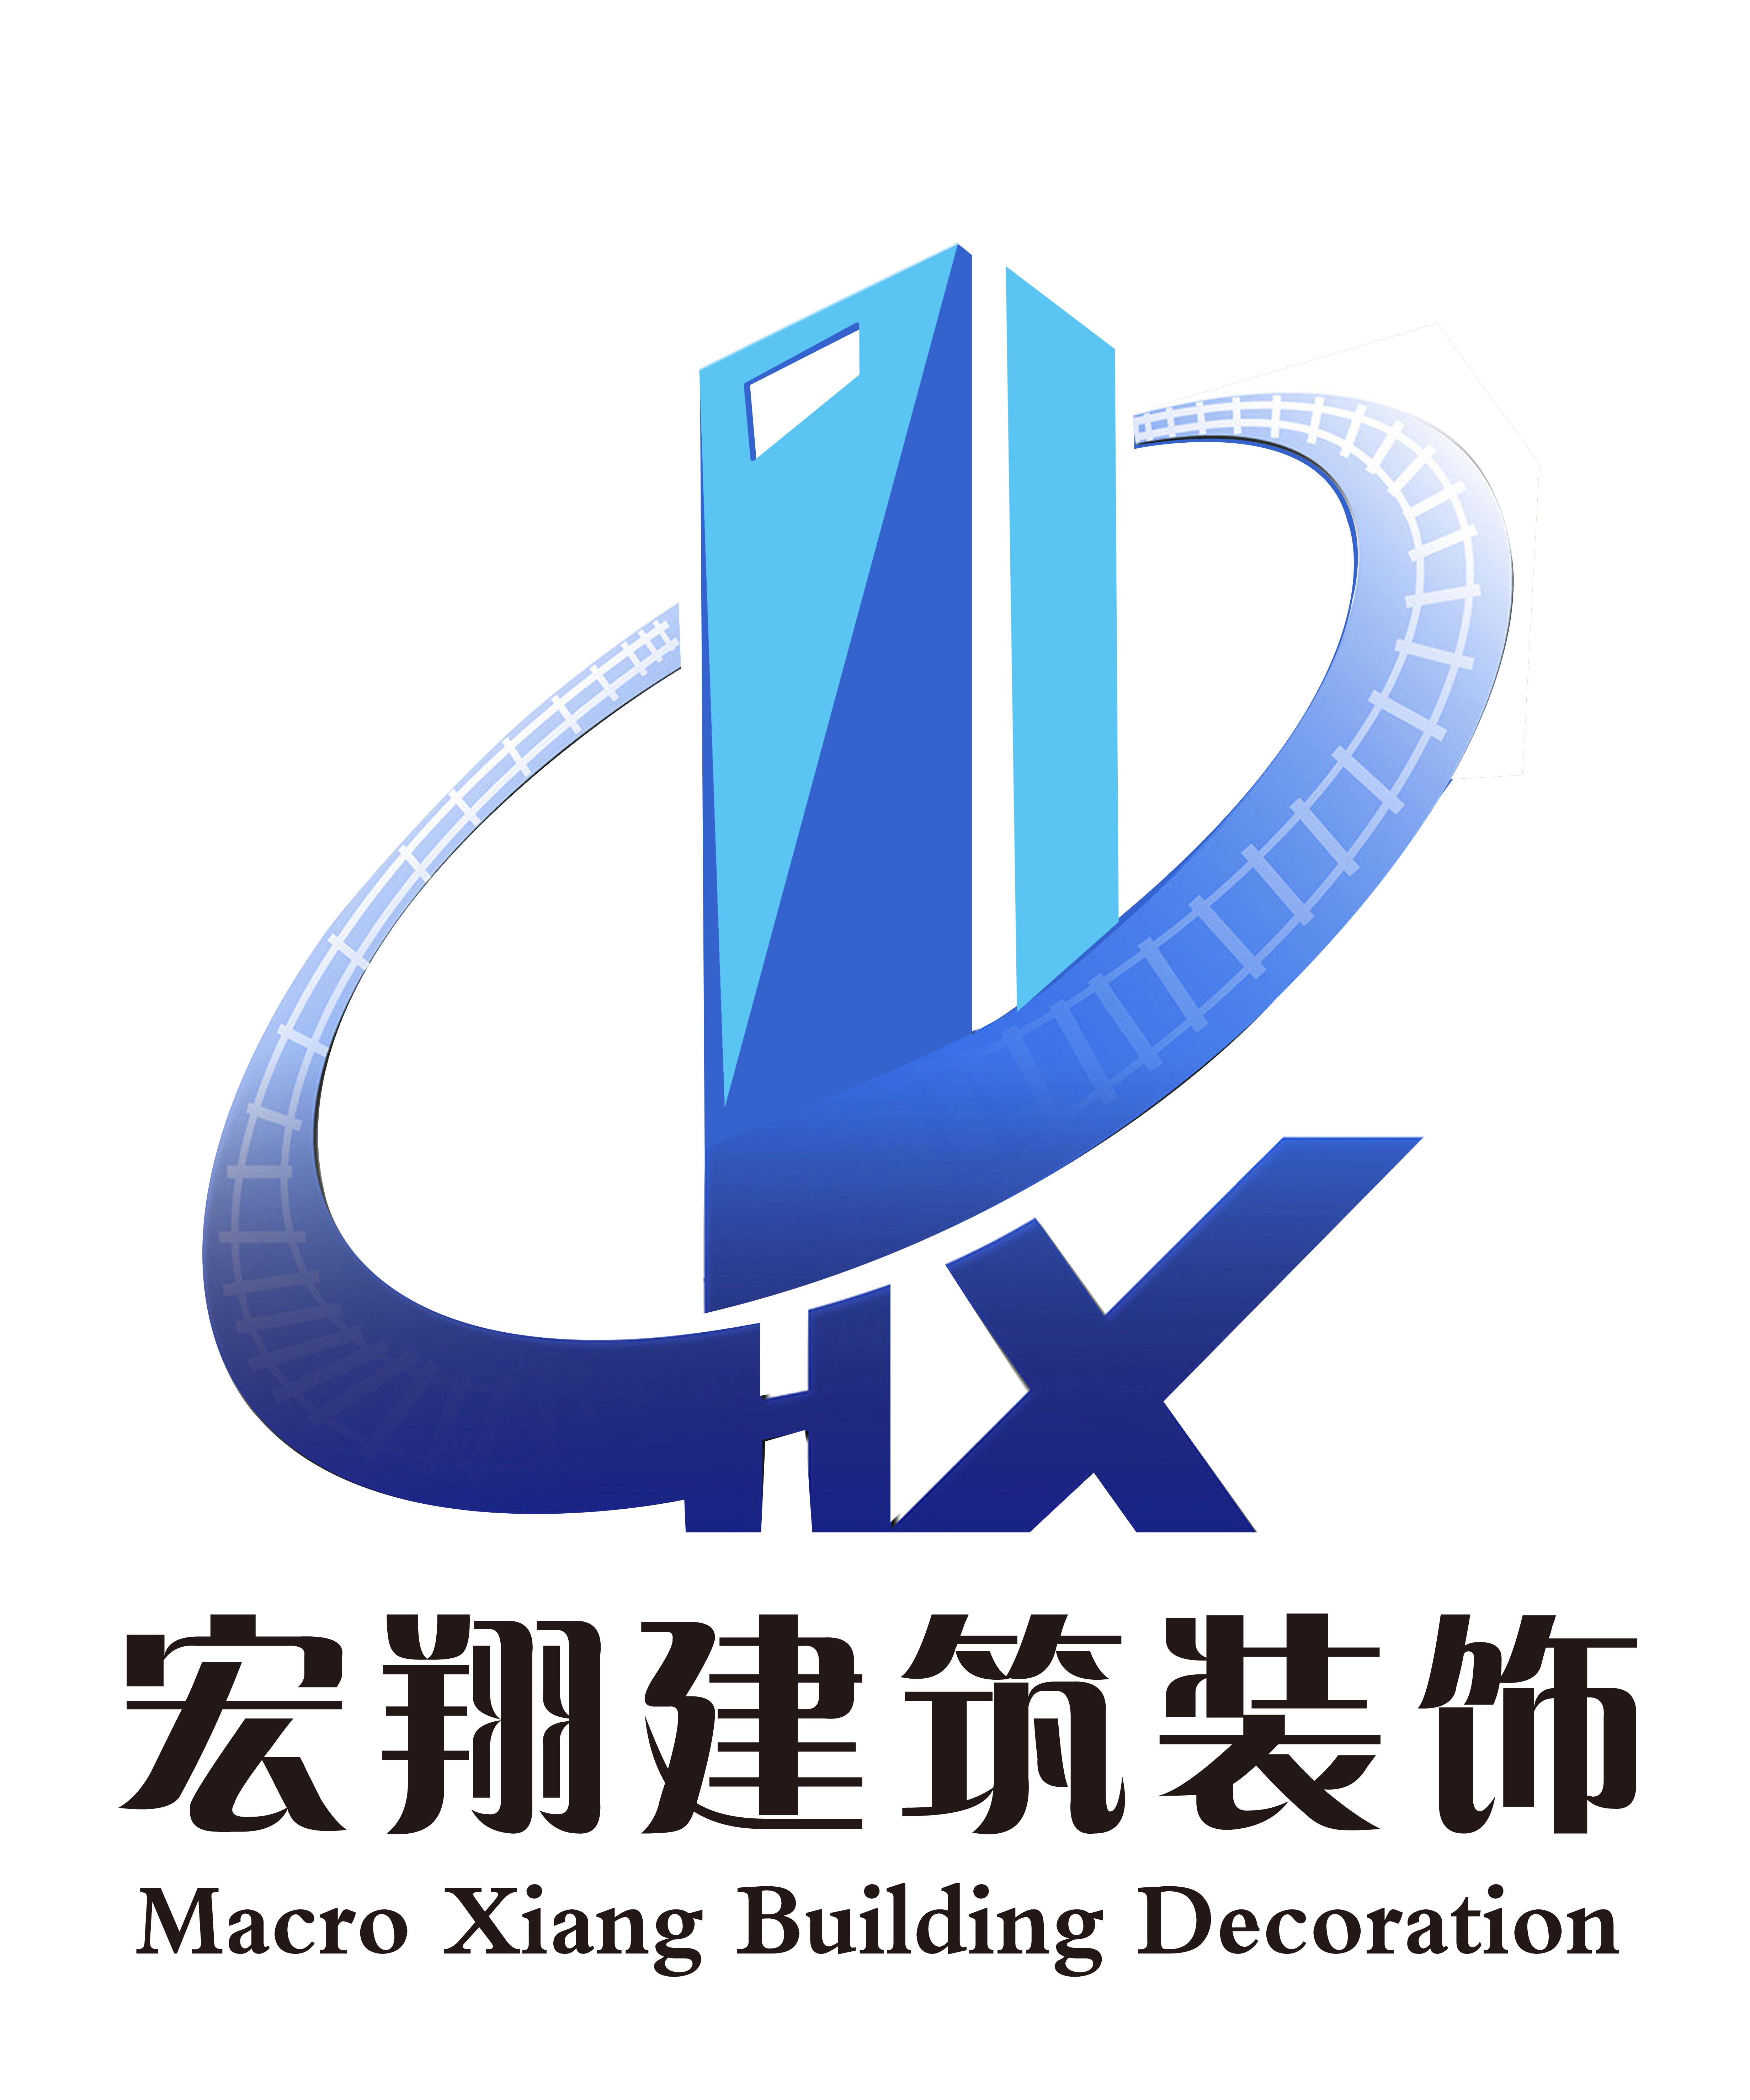 福建省宏翔建筑装饰工程有限公司